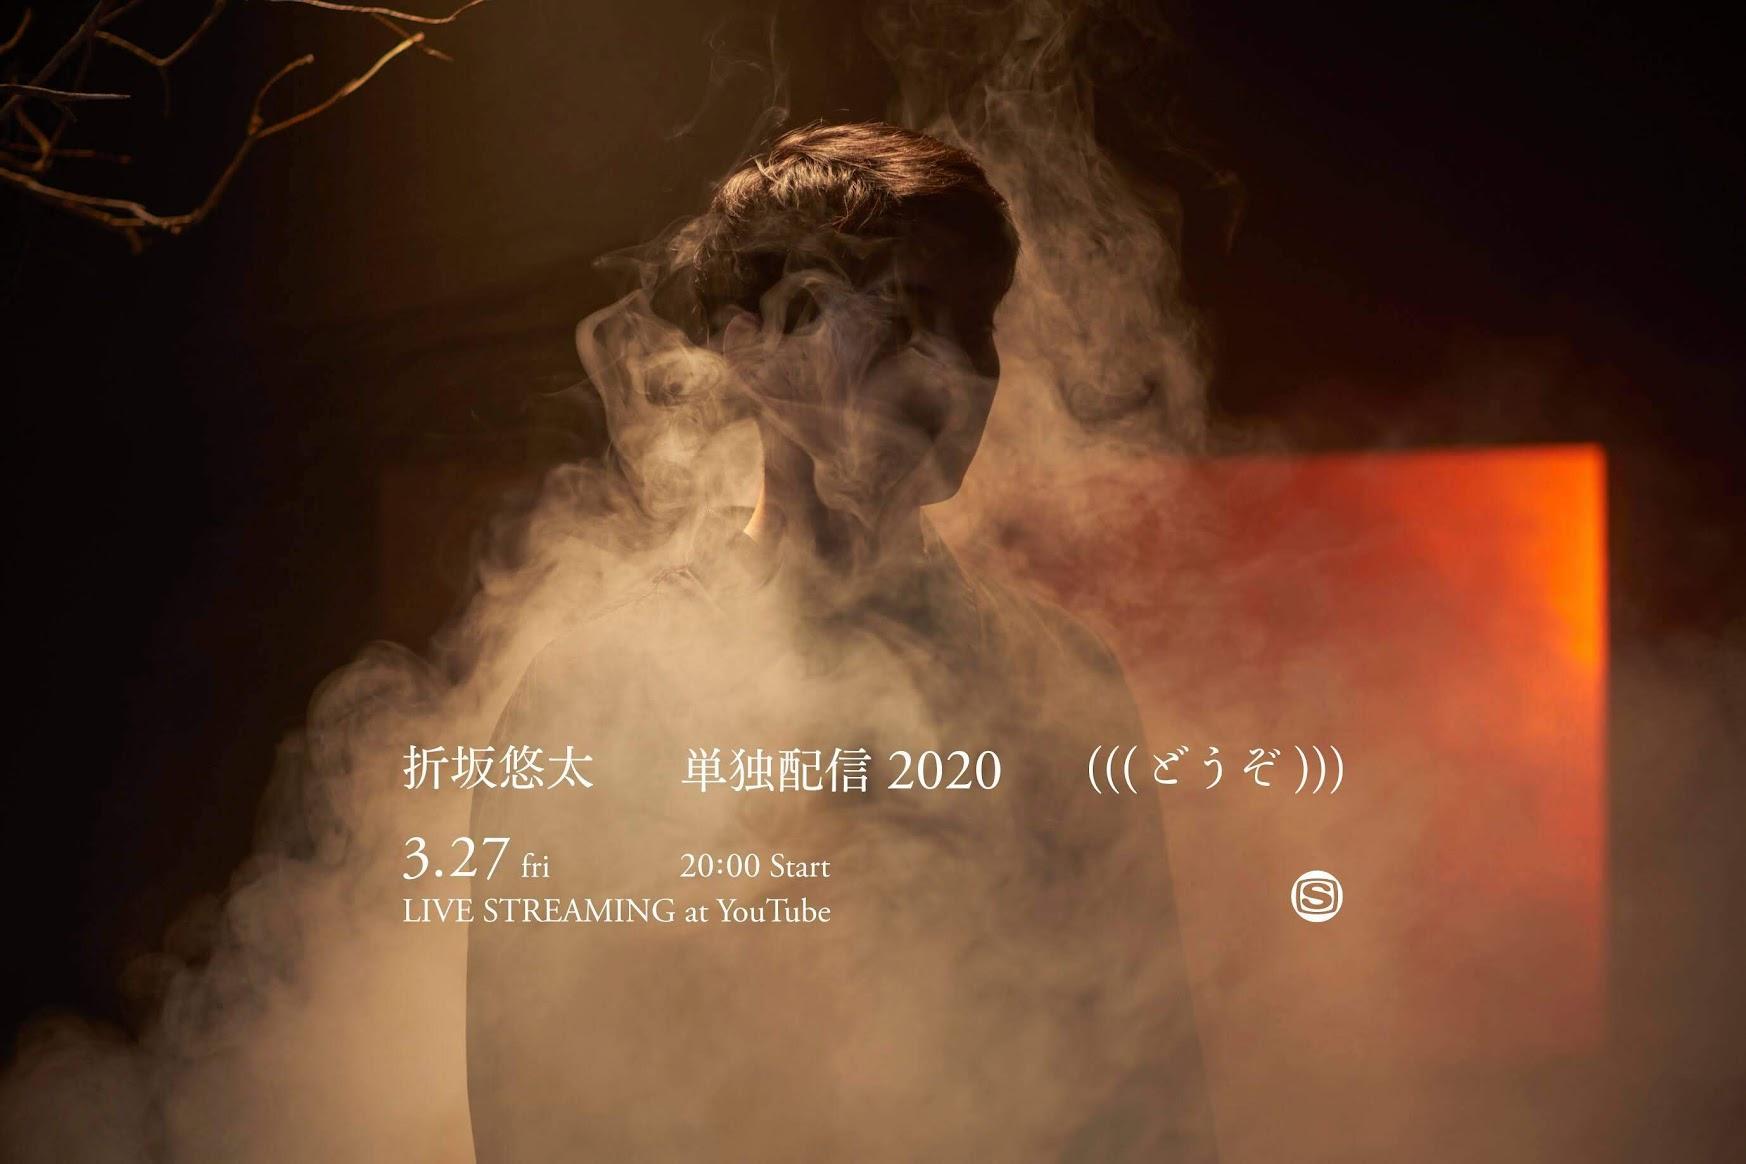 日劇《 監察醫朝顏 》主題曲歌手 折坂悠太 3/27專場直播